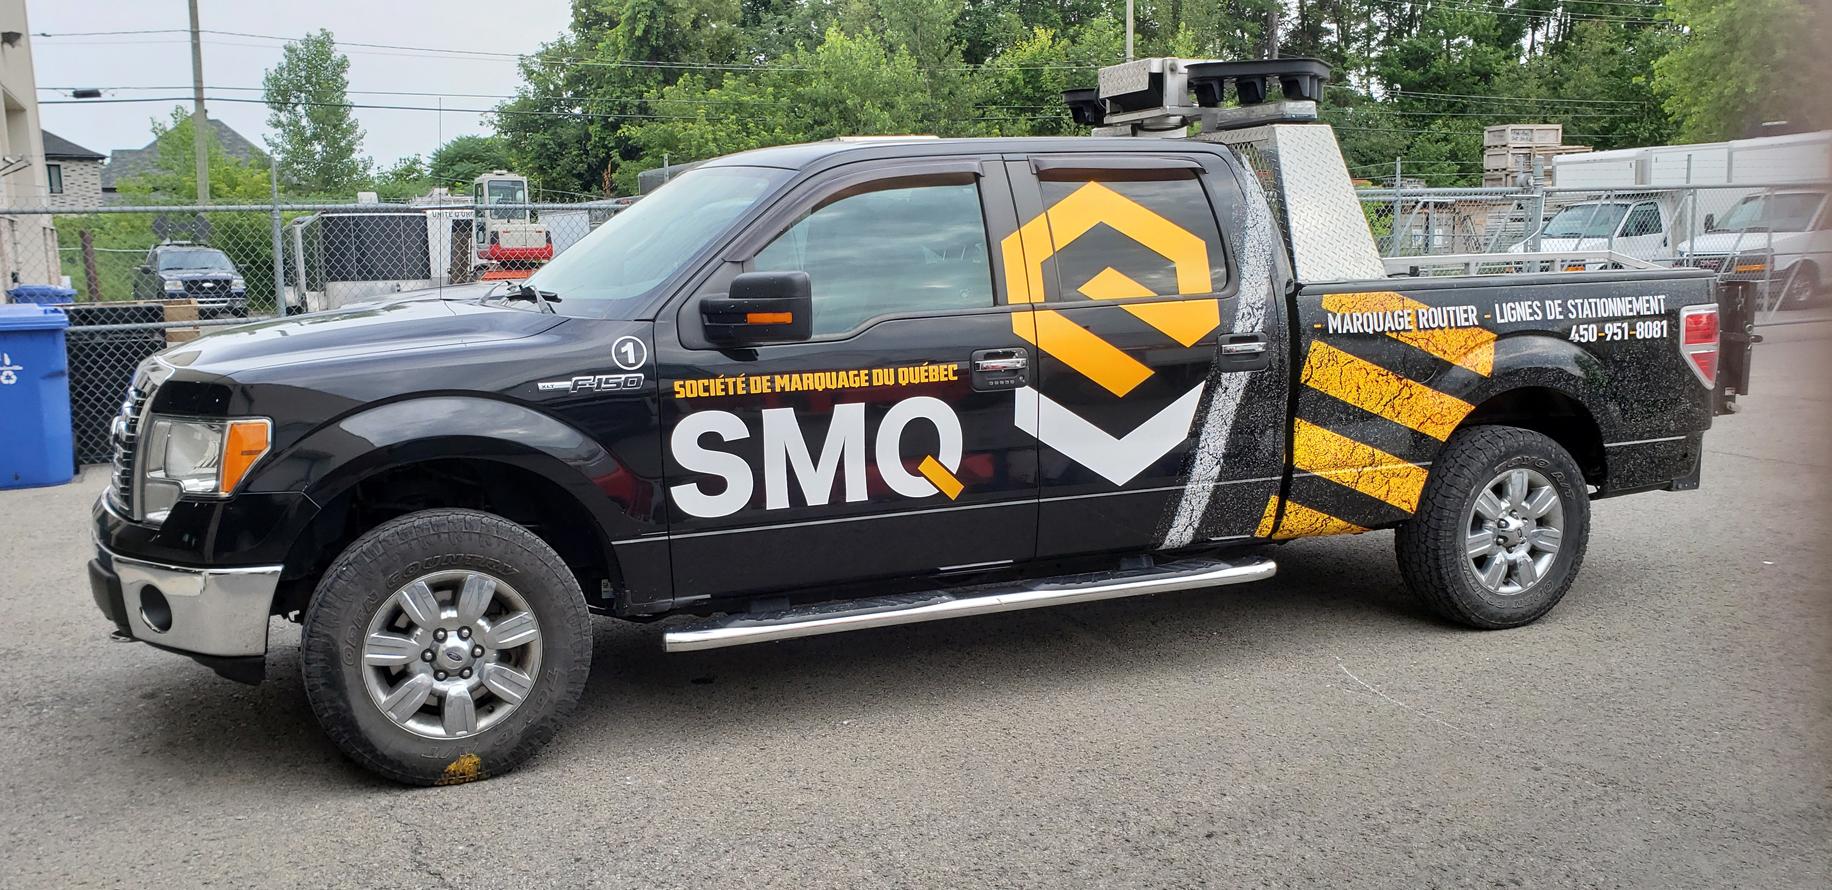 smq-4